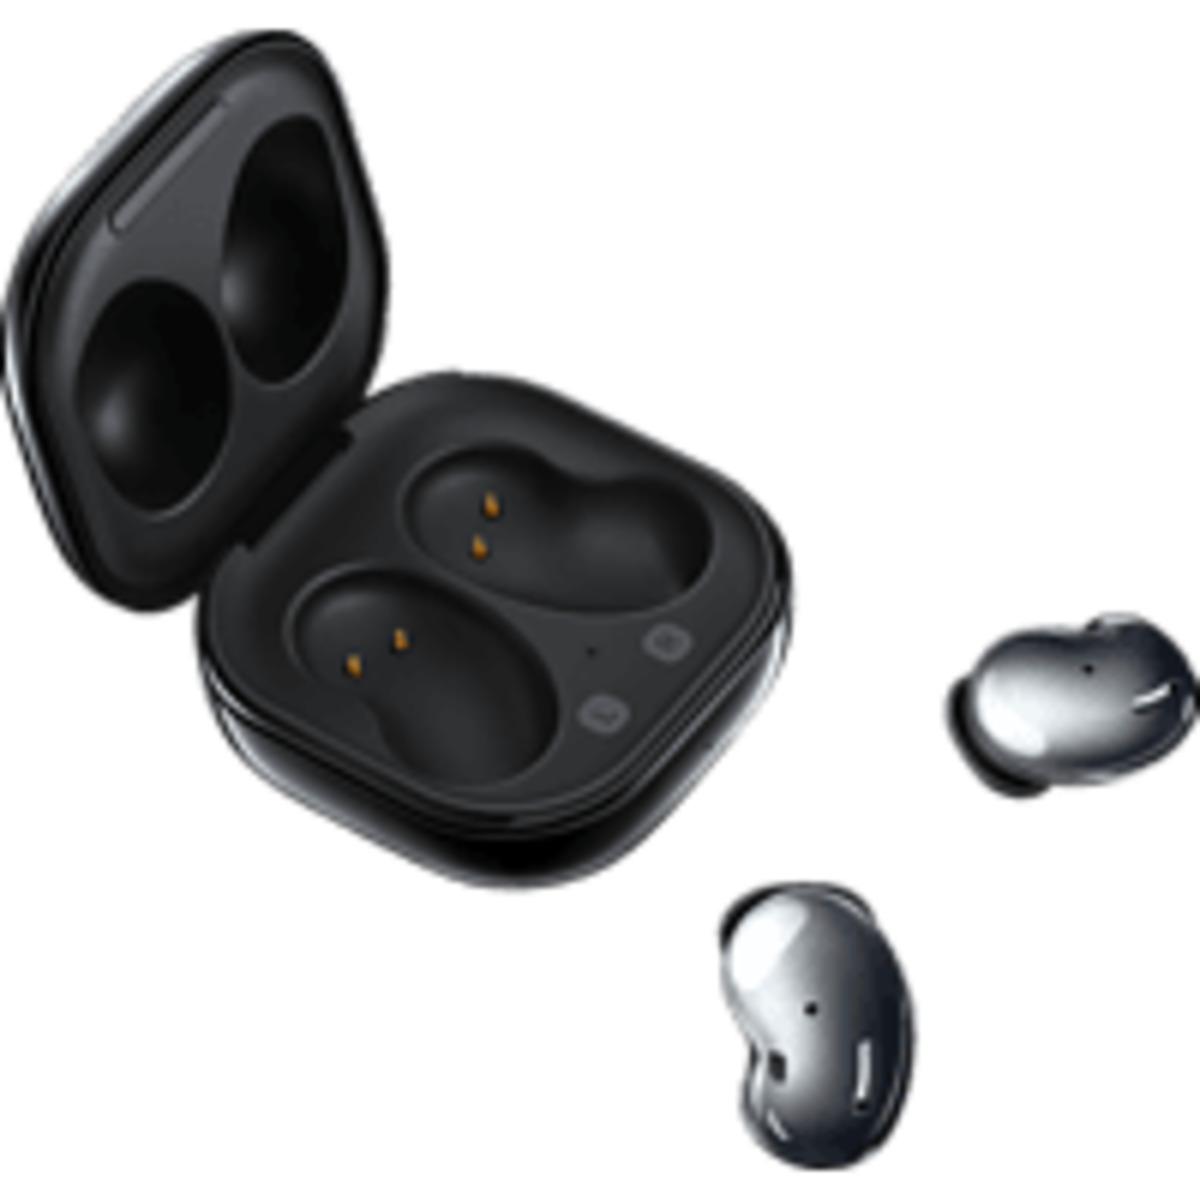 Bild 1 von SAMSUNG SM-R180 Galaxy Buds Live, In-ear True Wireless Kopfhörer Bluetooth Schwarz